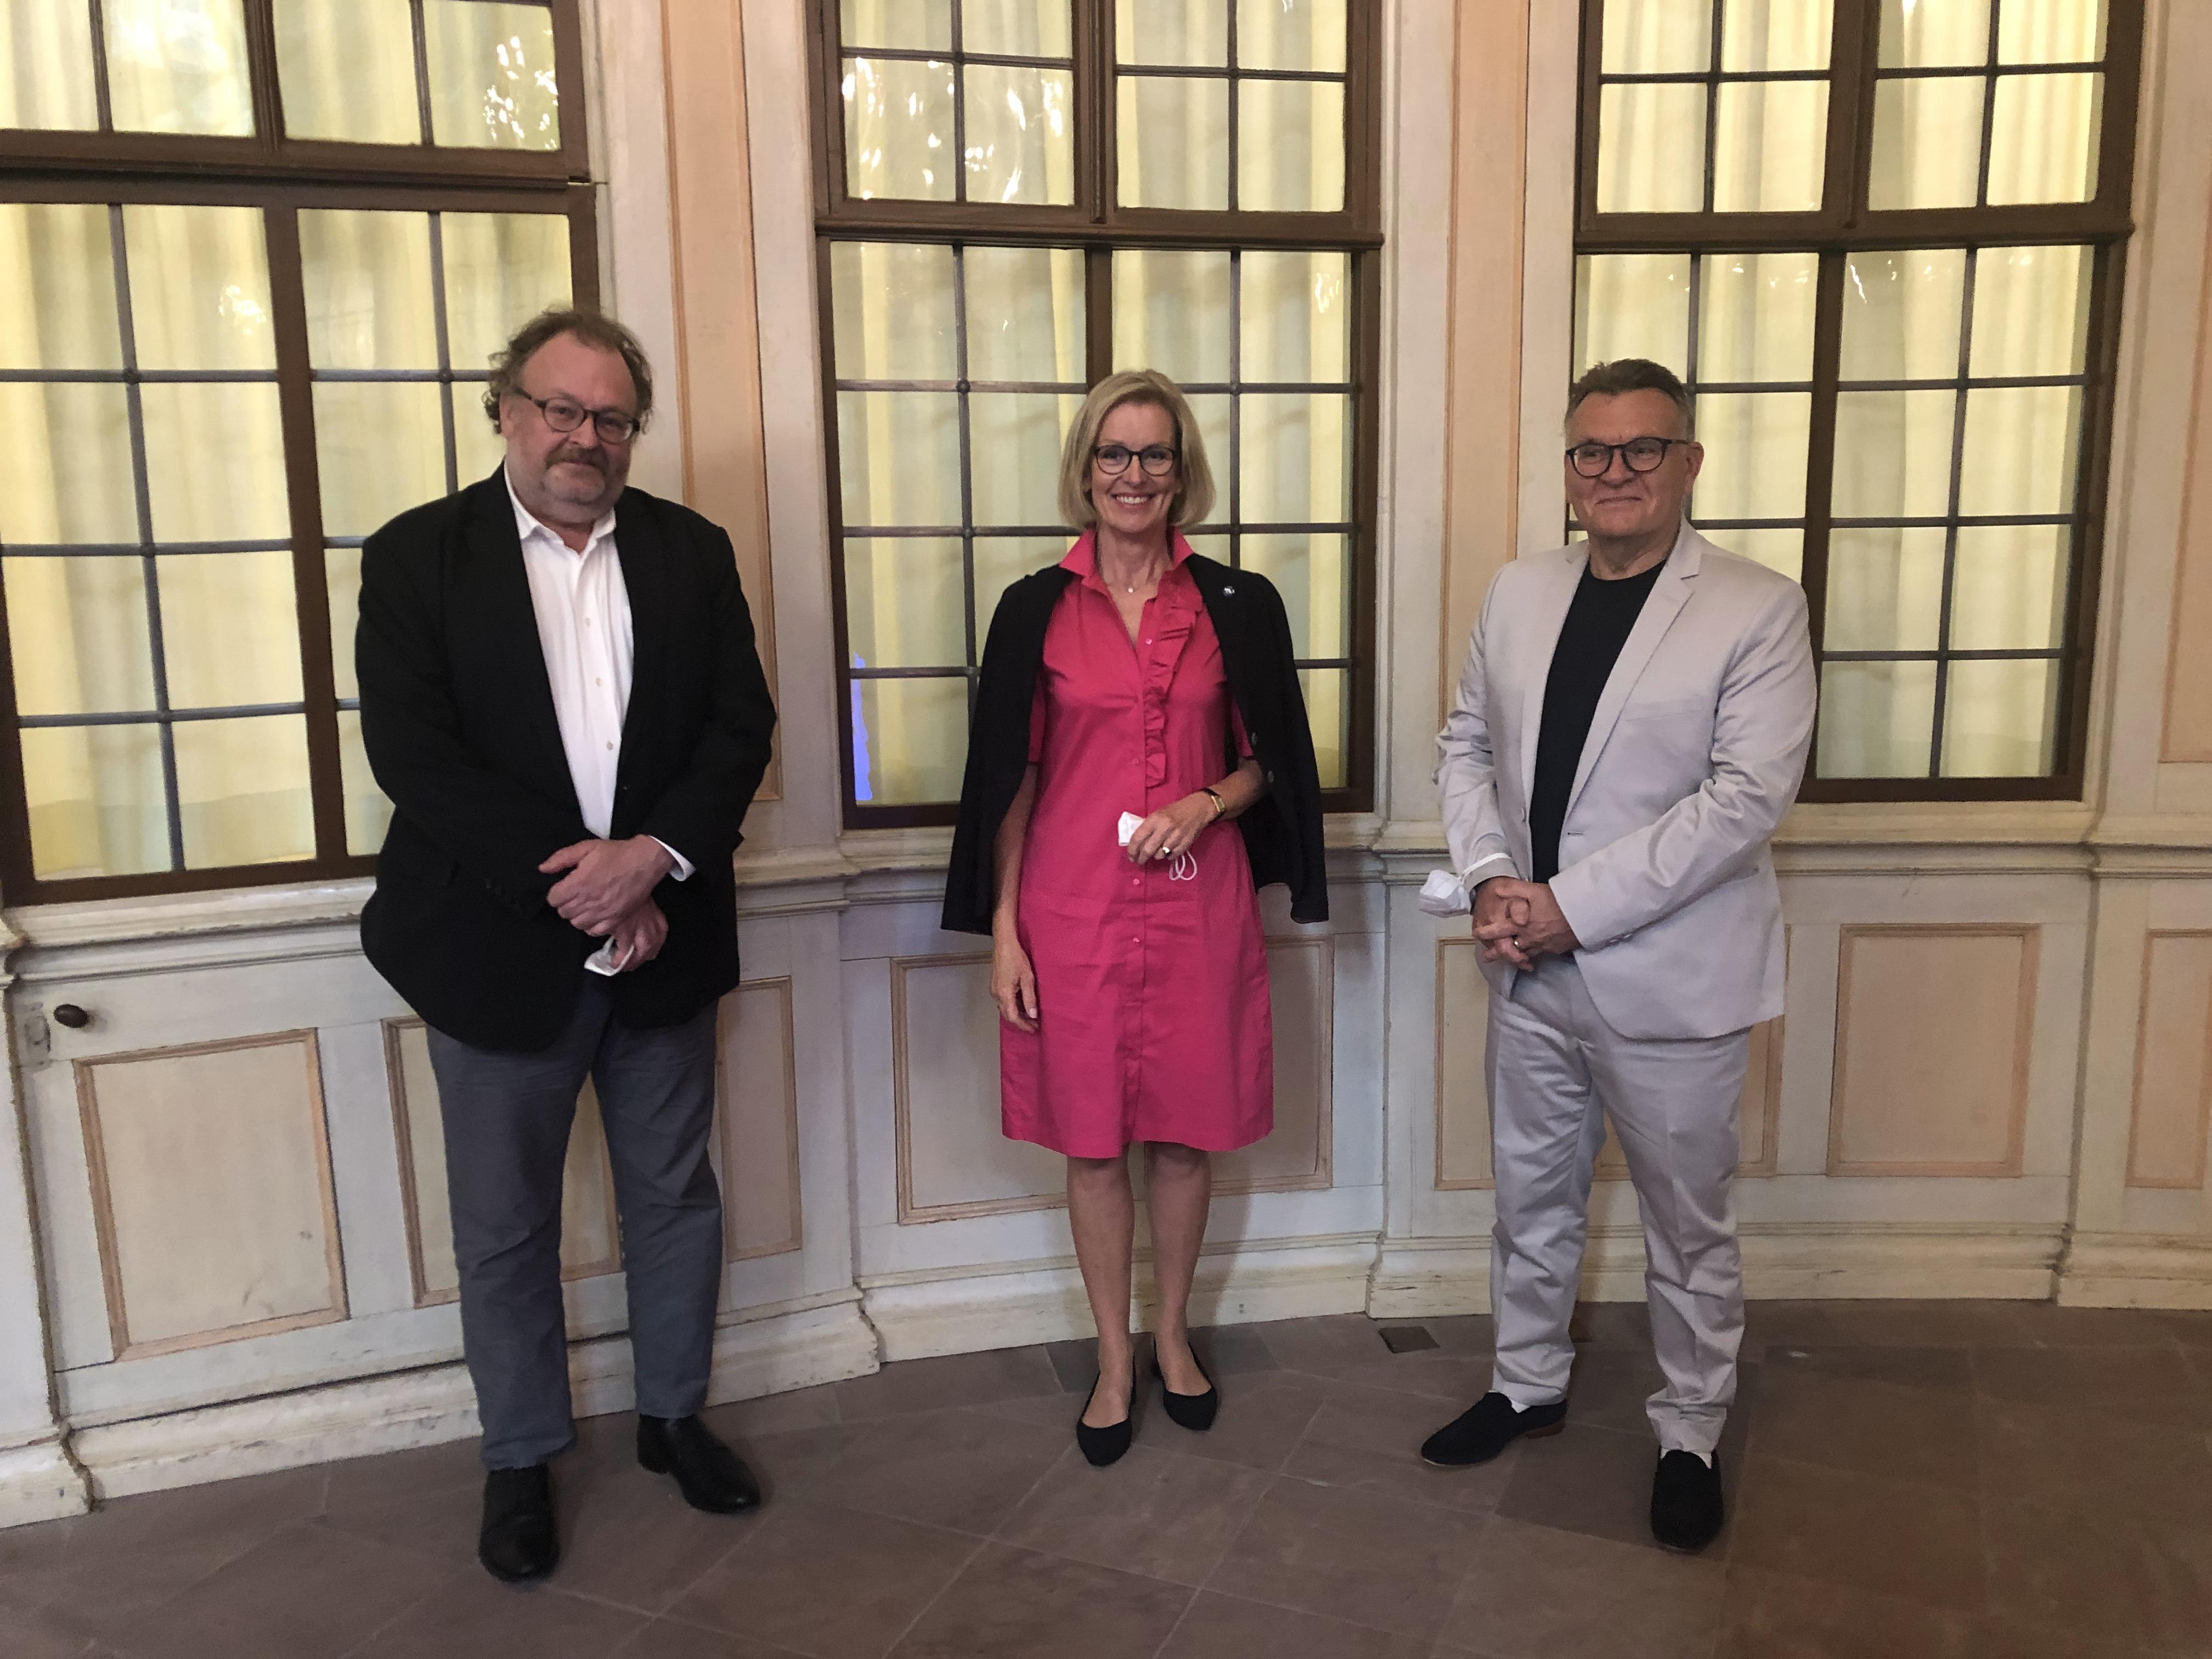 Jürgen Kaube, Kirsten Worms und Lothar Machtan (von links nach rechts)